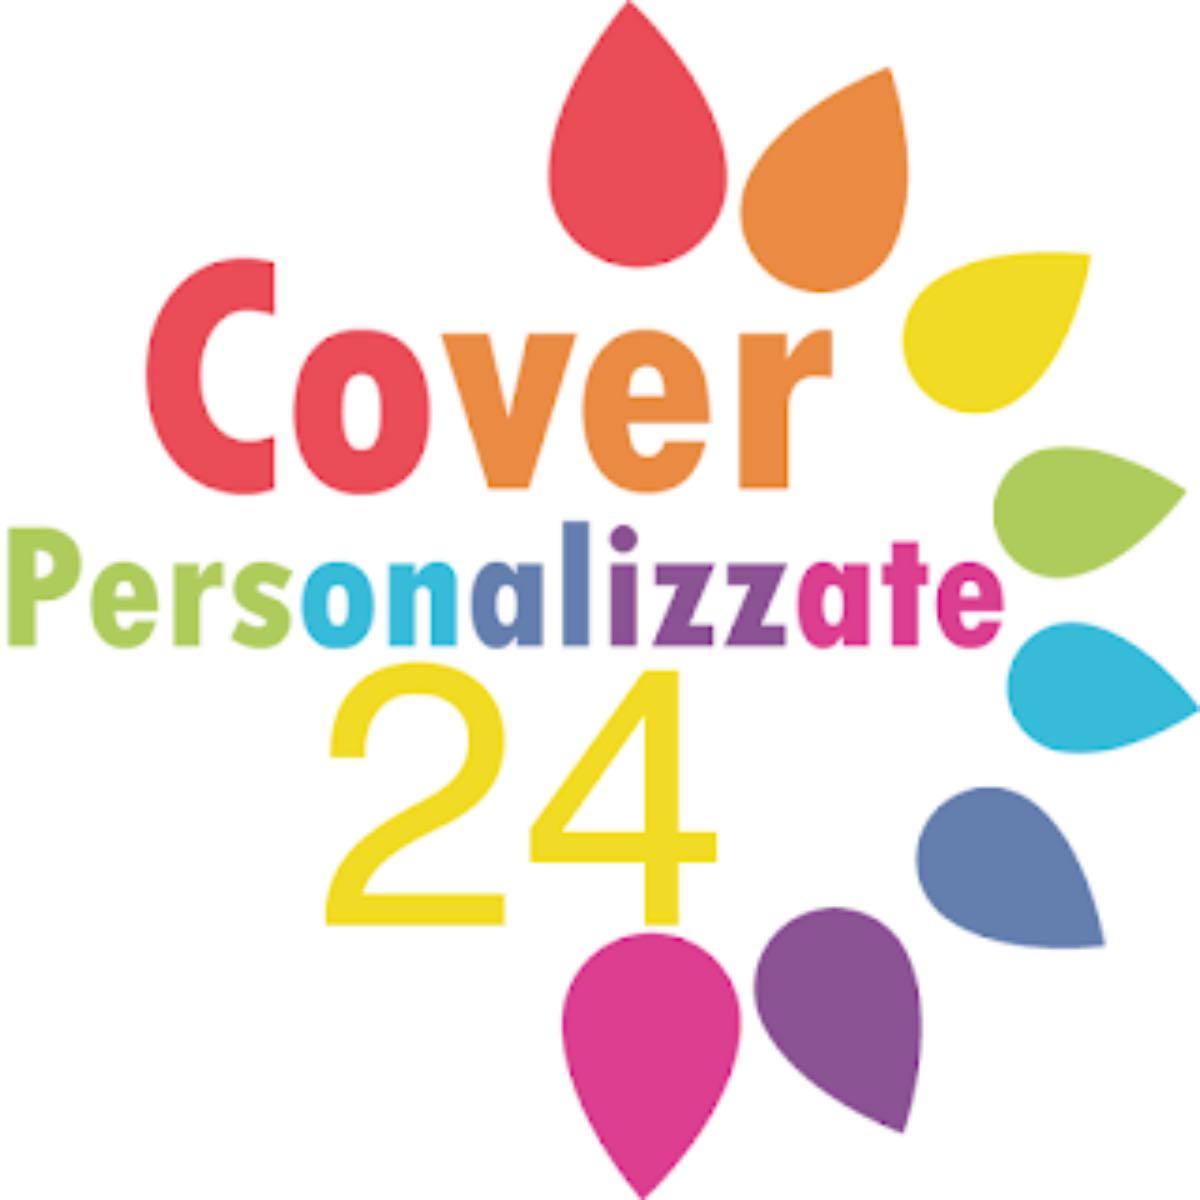 coverpersonalizzate24 cover personalizzate 2